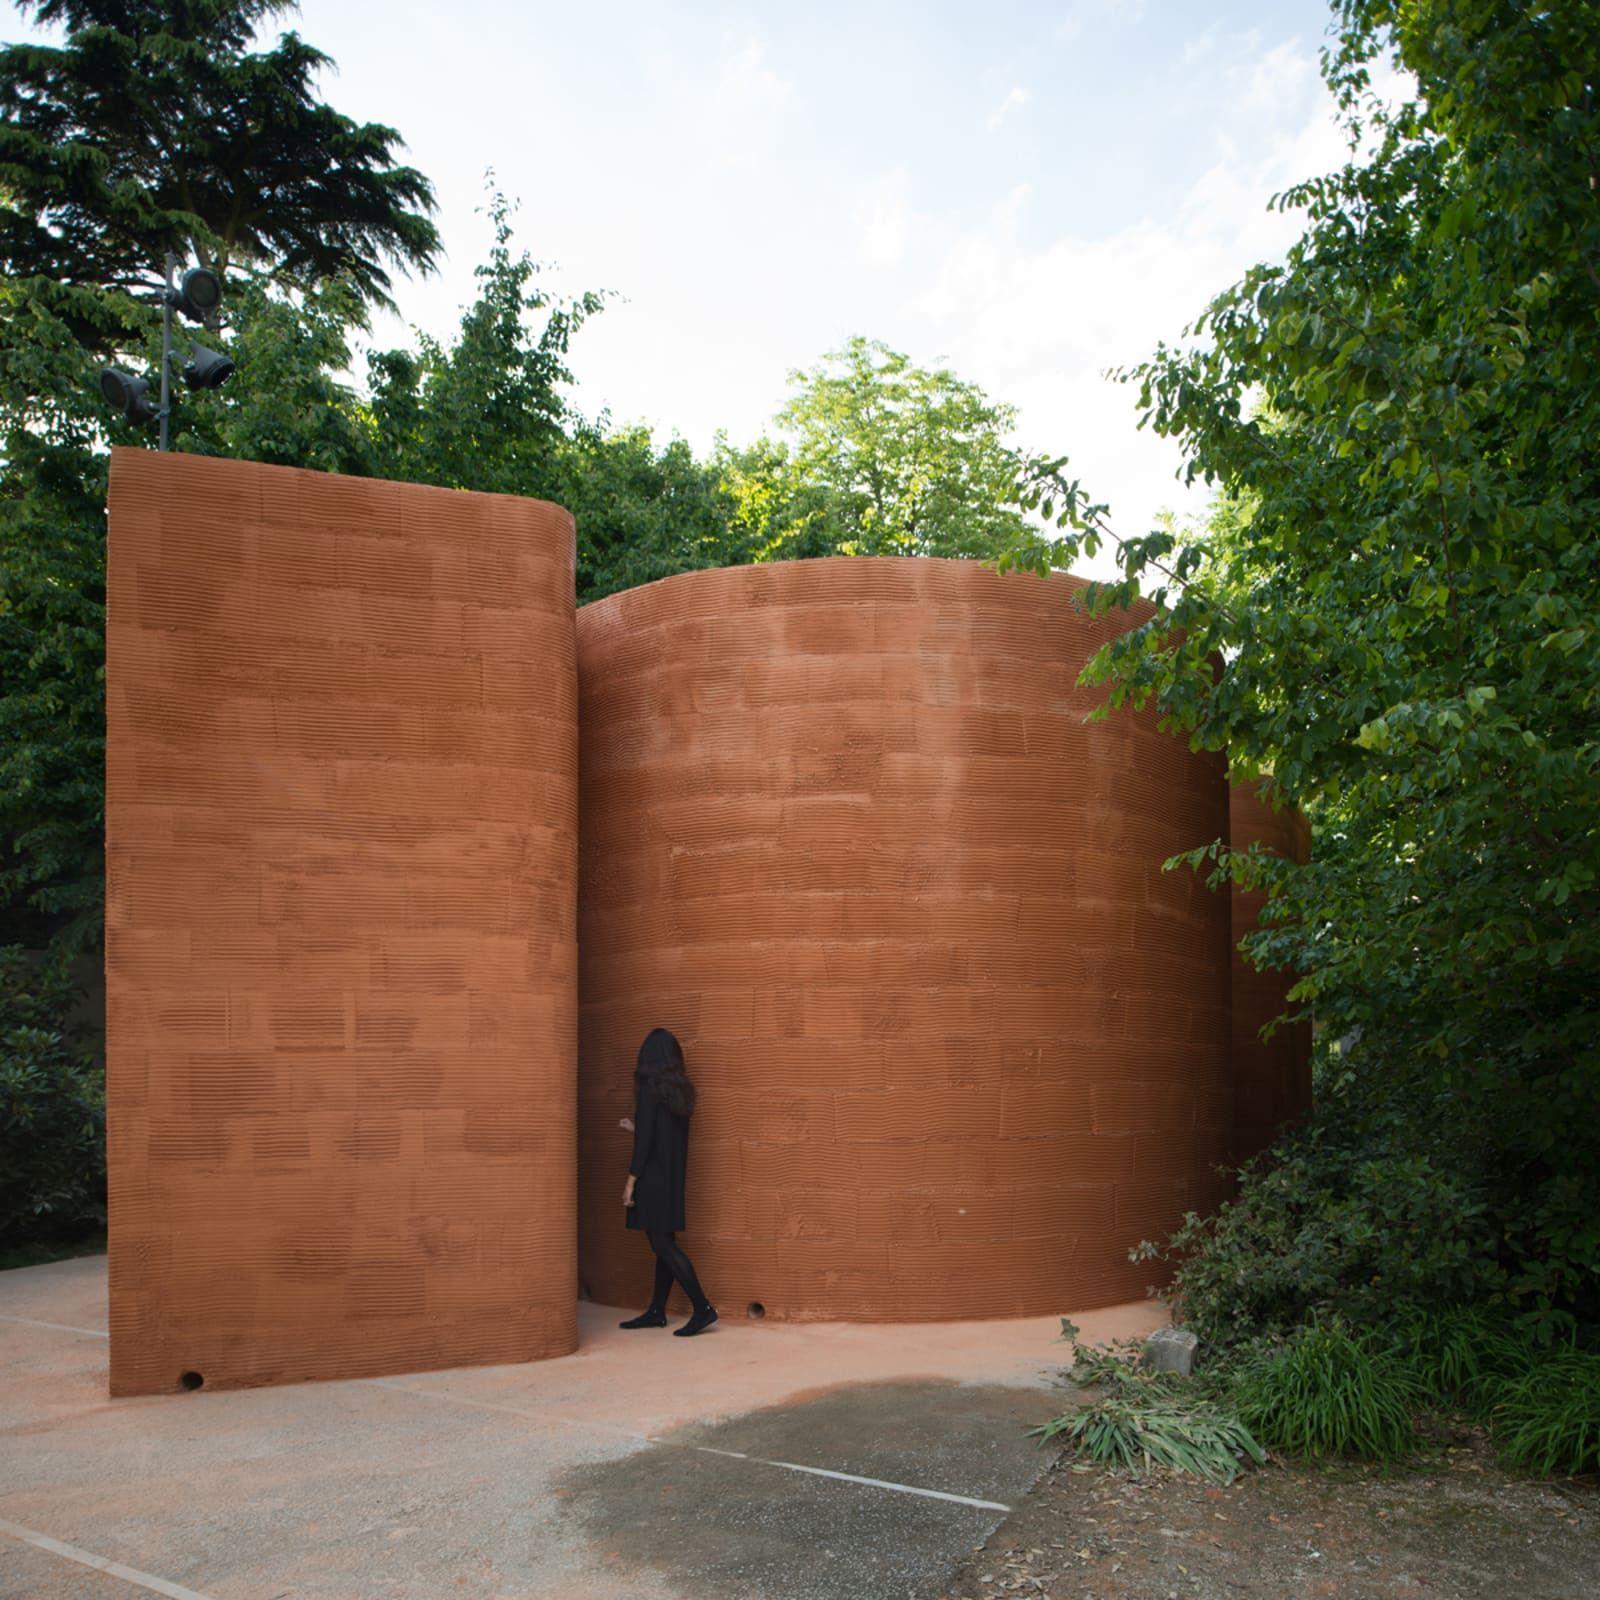 Pezo Von Ellrichshausen Marc Domage Bell Pavilion Pavilion Architecture Pavilion Architecture